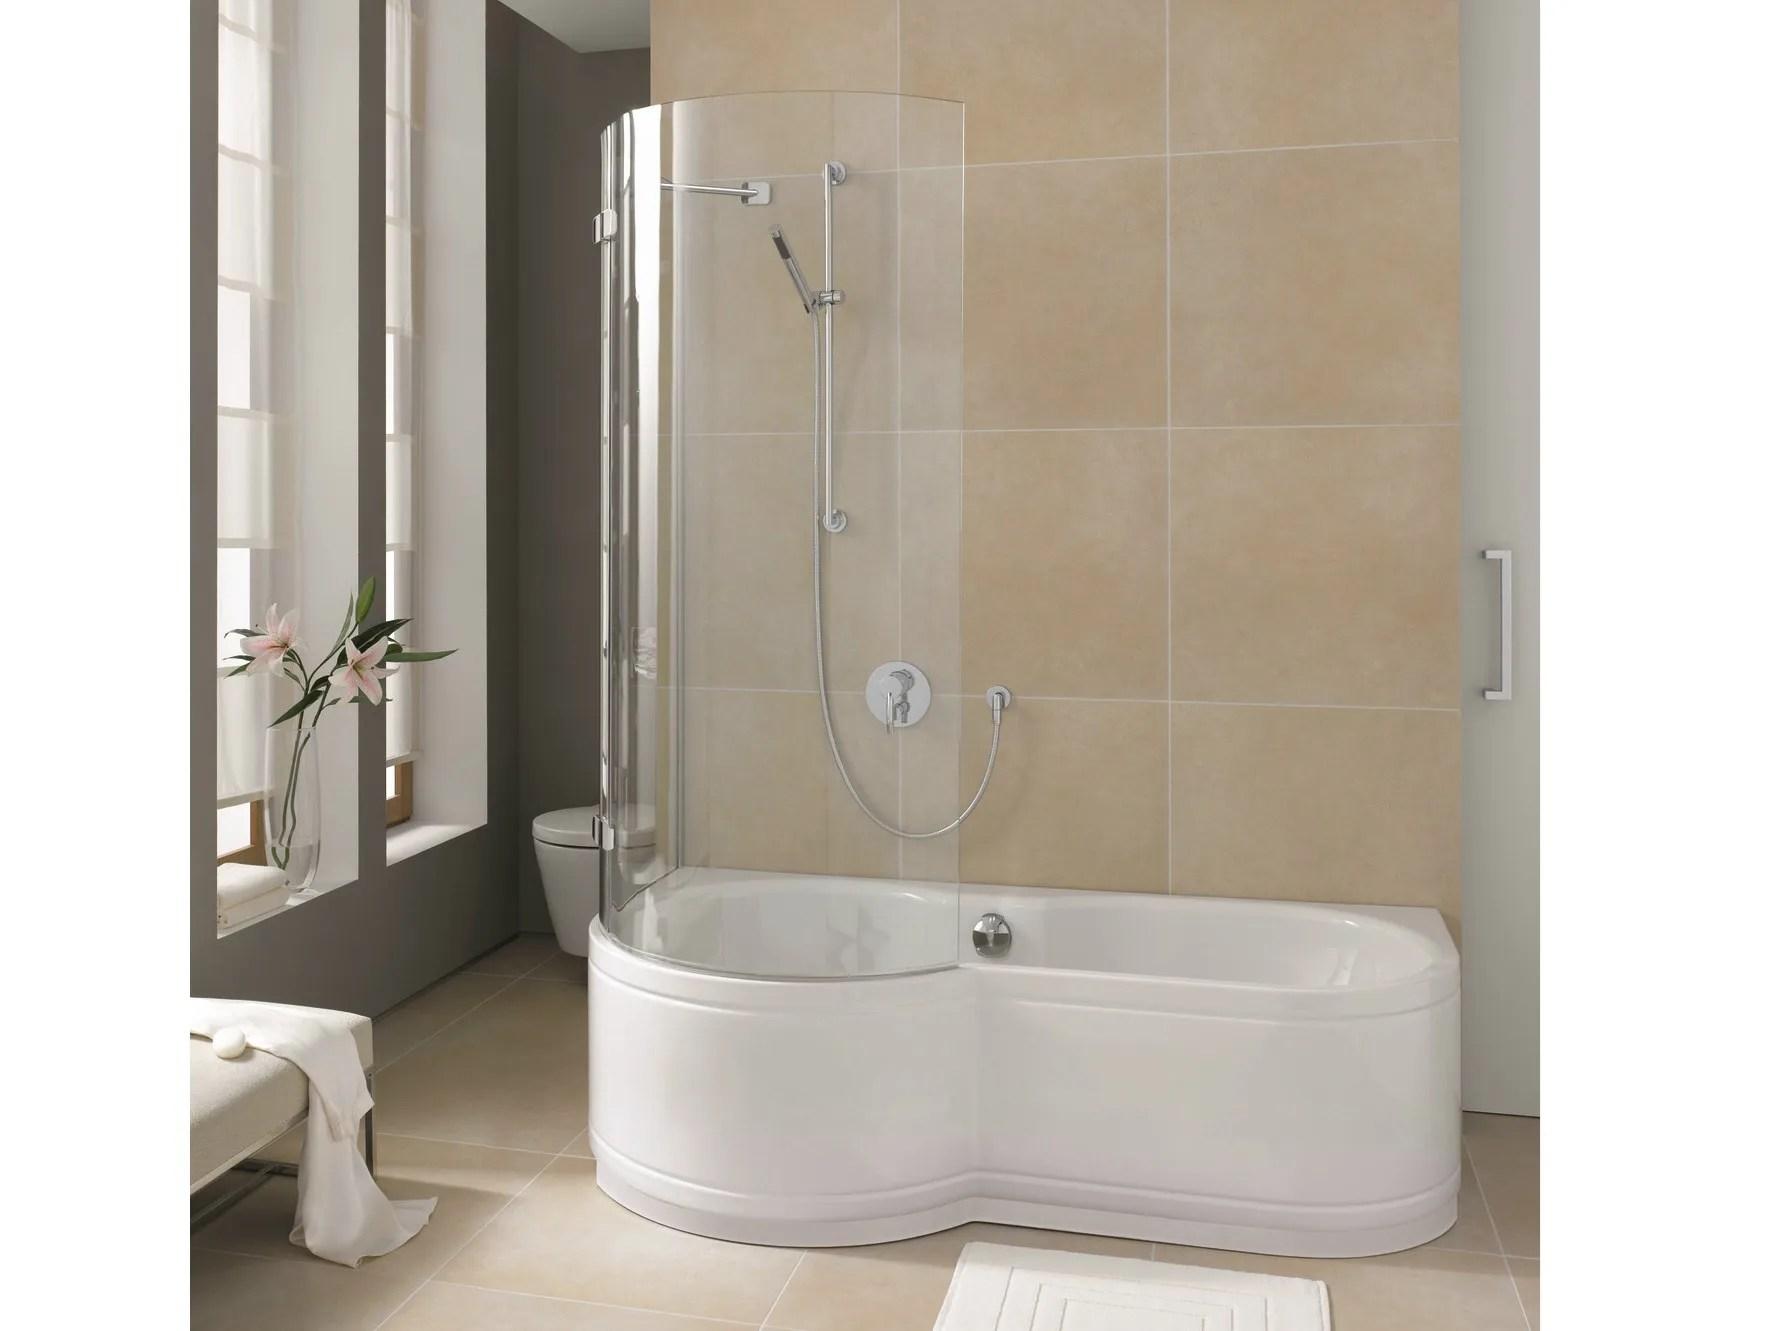 Vasca Da Bagno Wordreference : Bagno con doccia u2013 design per la casa